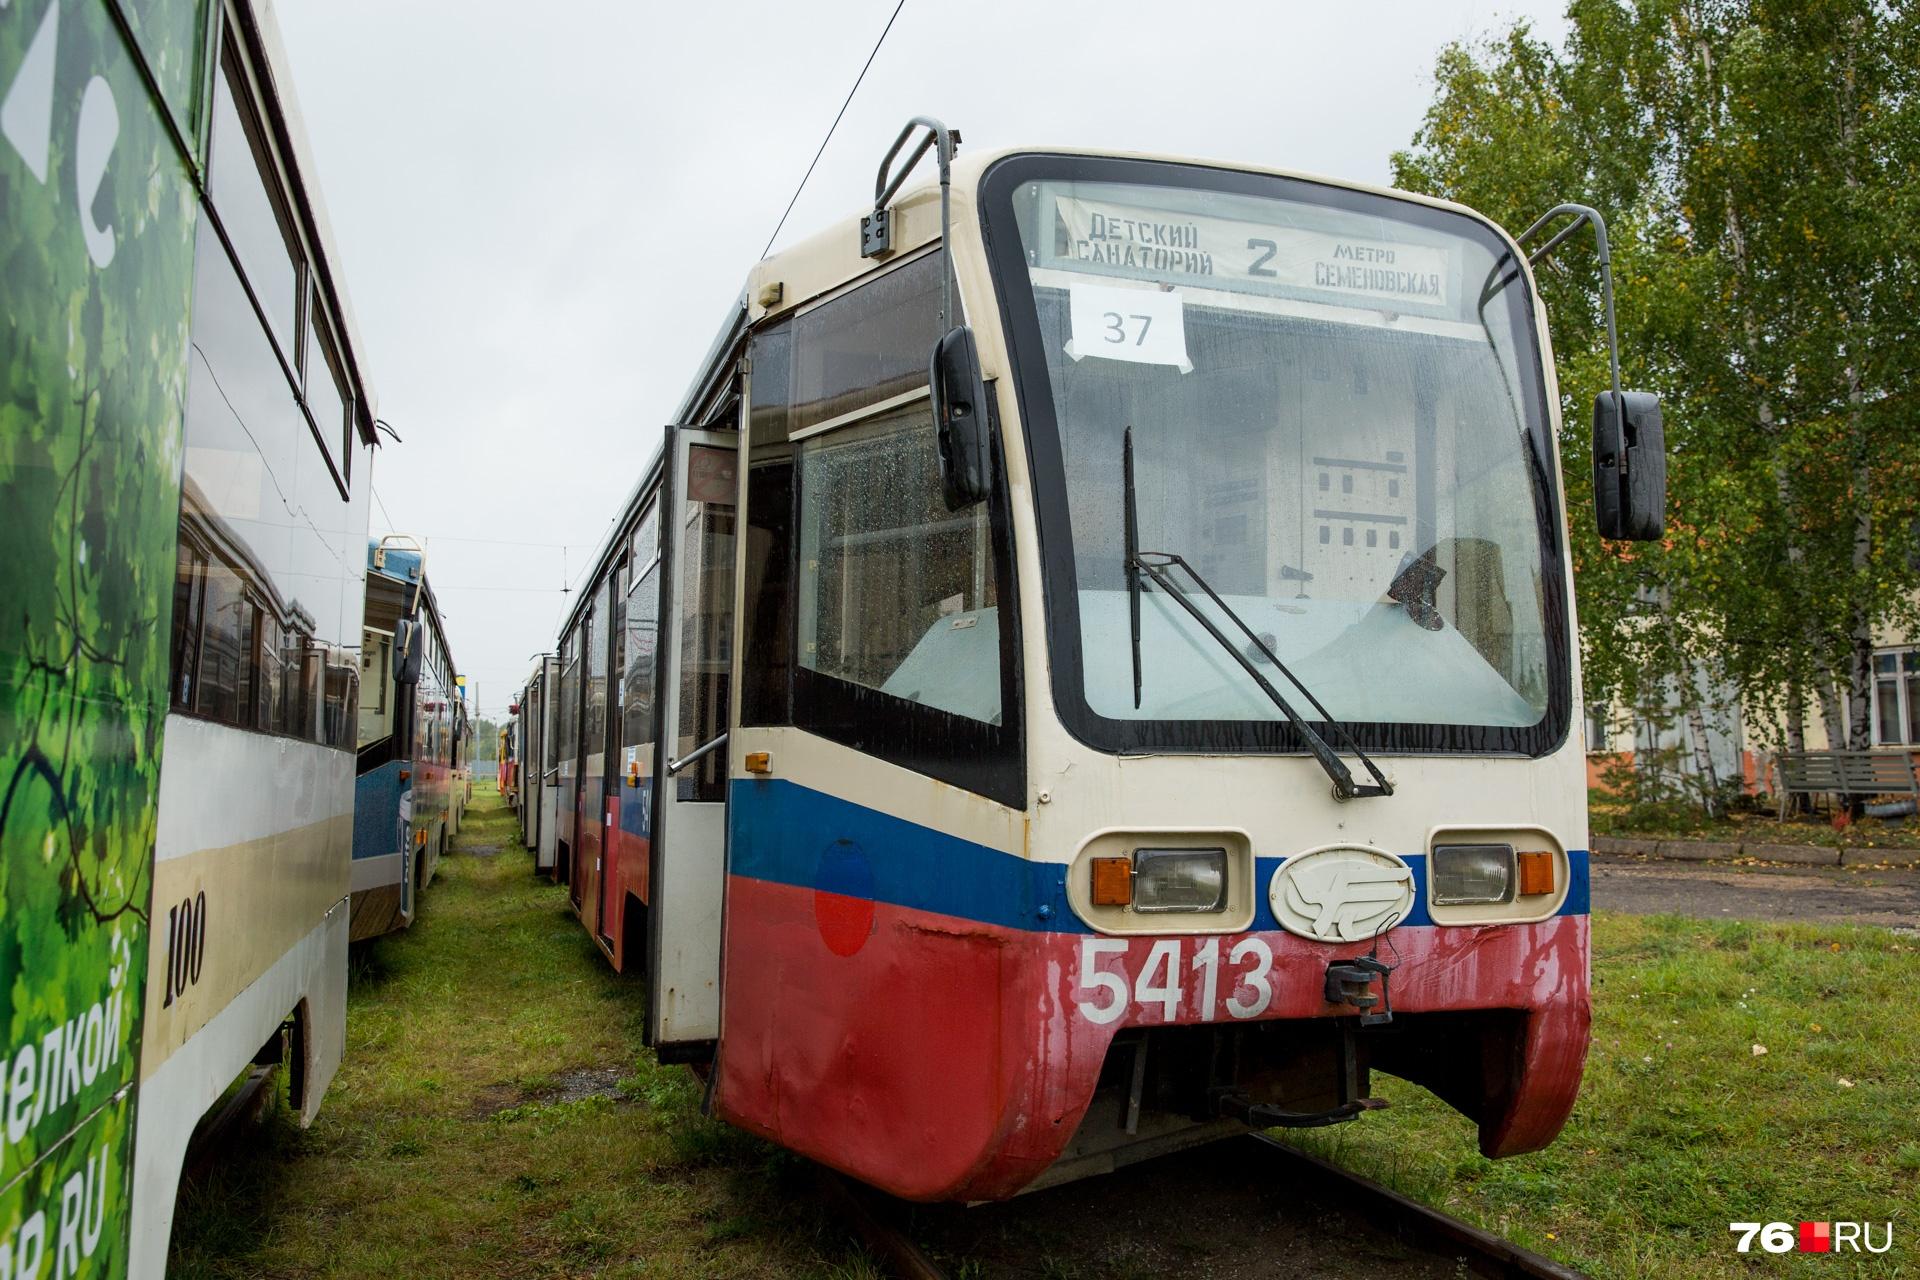 Трамваи, которые нам подарили, в Москве ходили по разным маршрутам